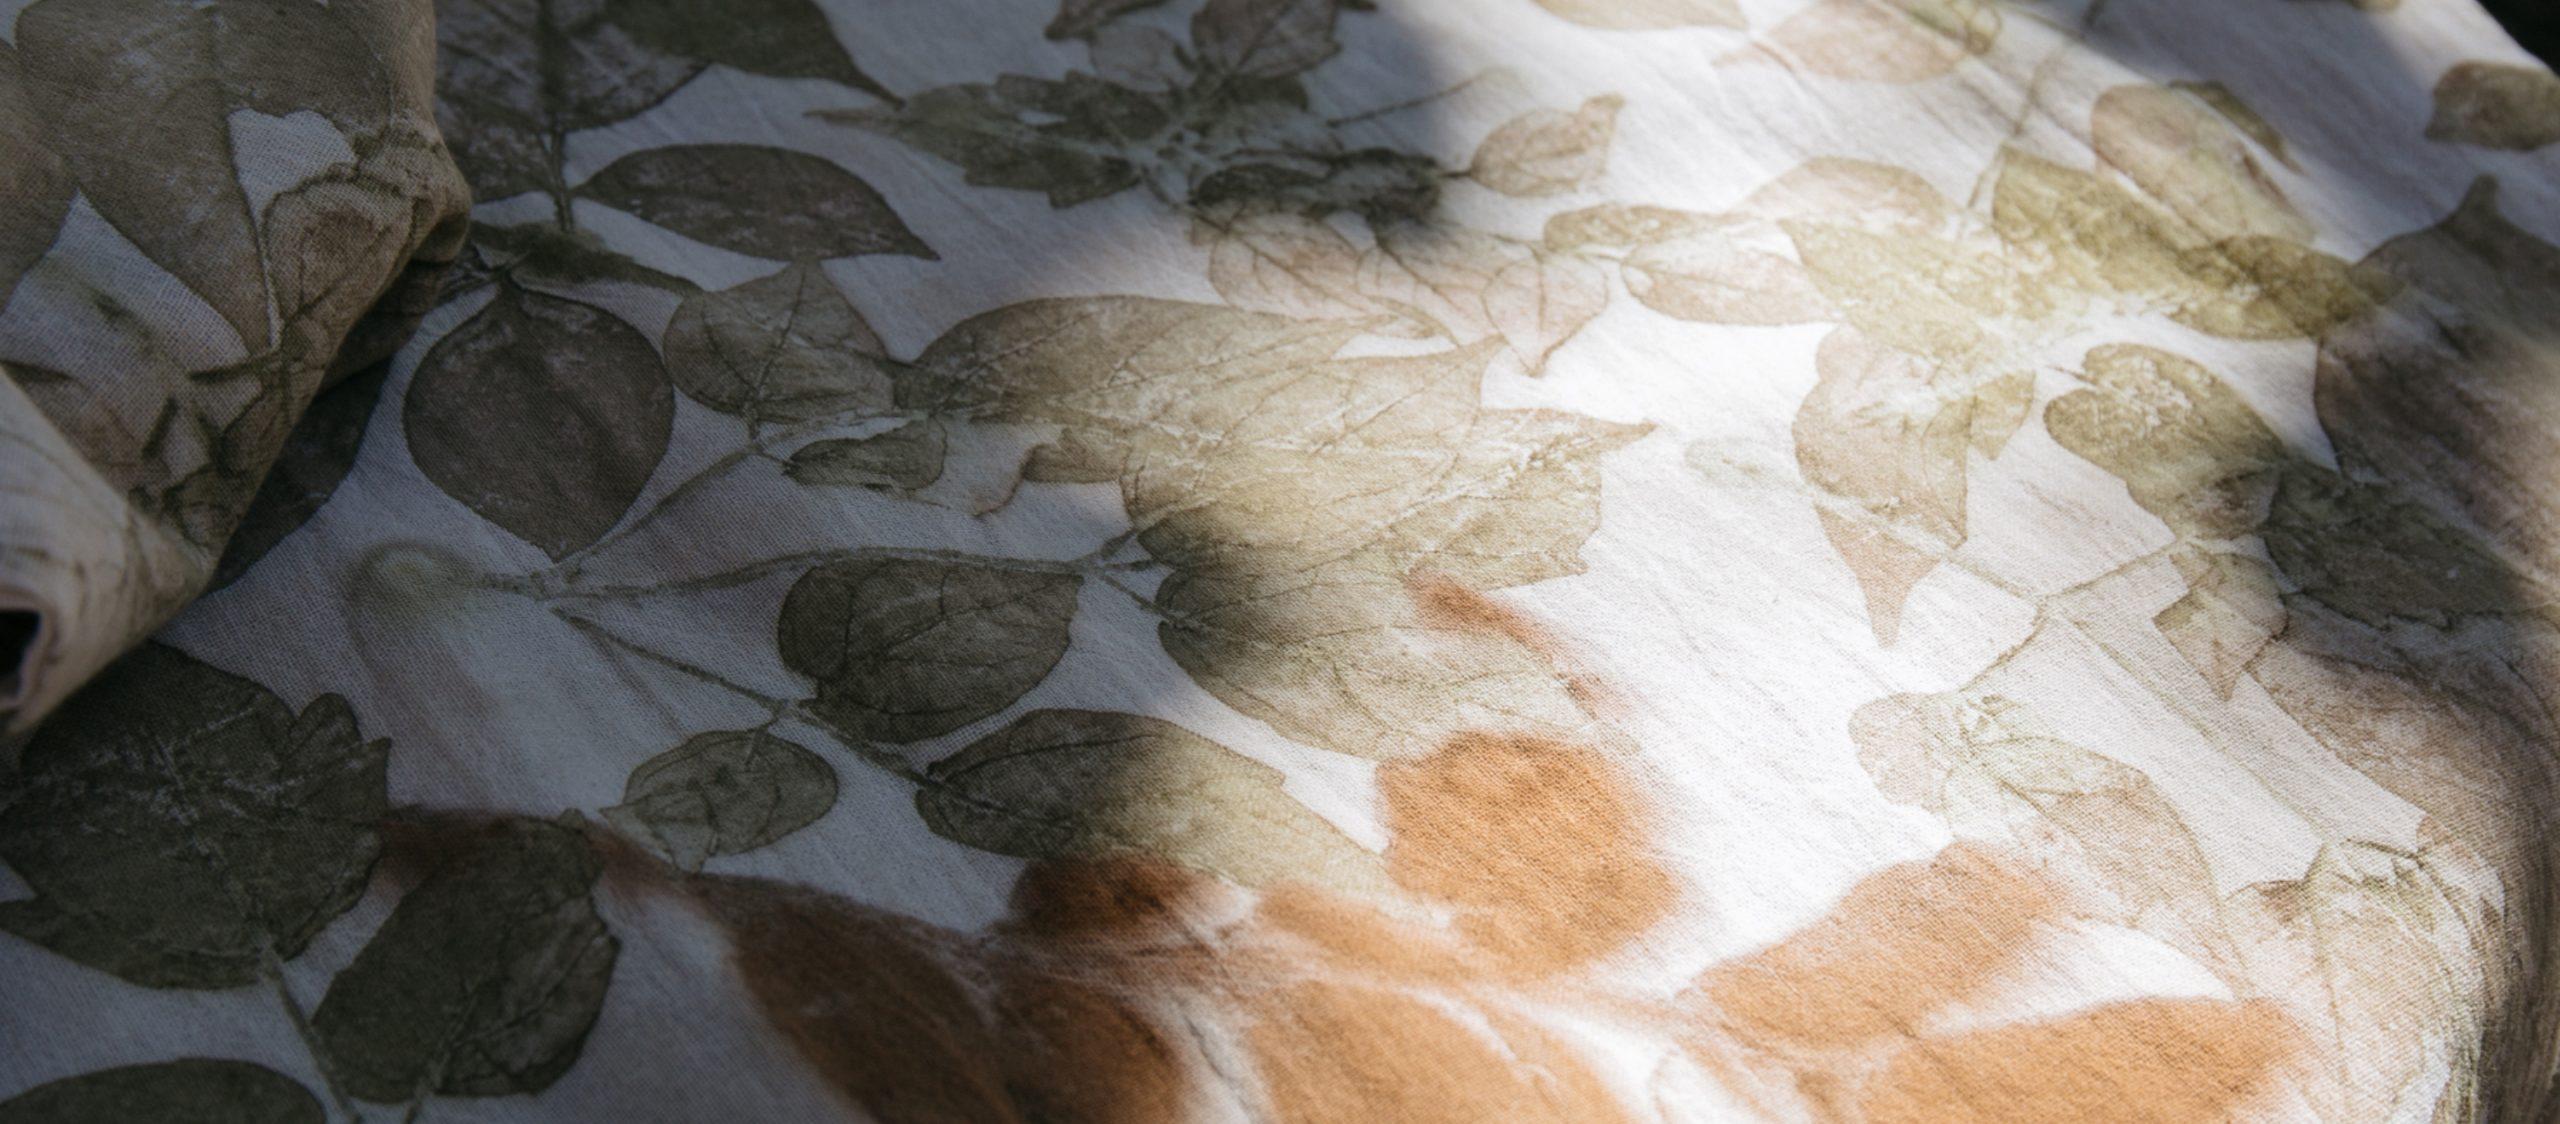 OUKE แบรนด์เสื้อผ้าจากเชียงใหม่ที่หยิบใบไม้และดอกไม้มาวาดลวดลายสุดคัลเลอร์ฟูล